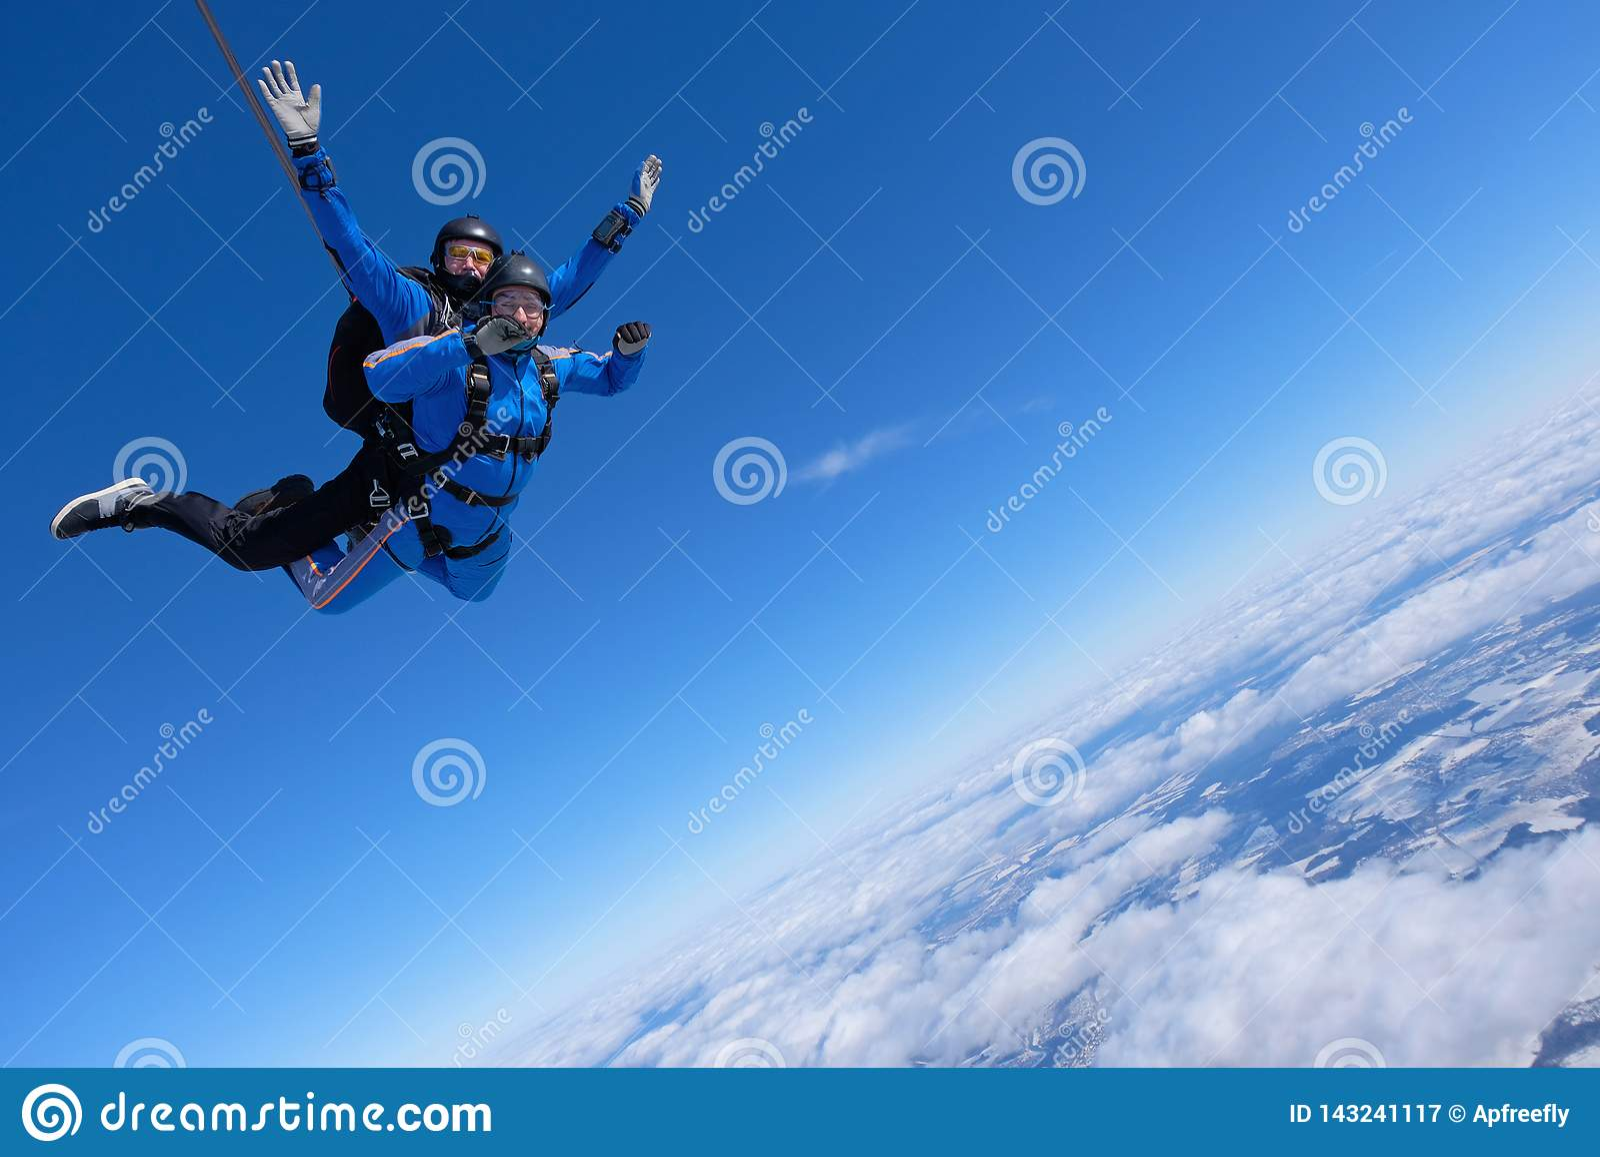 Tandemt hoppa med fritt fall Två grabbar är i den blåa himlen